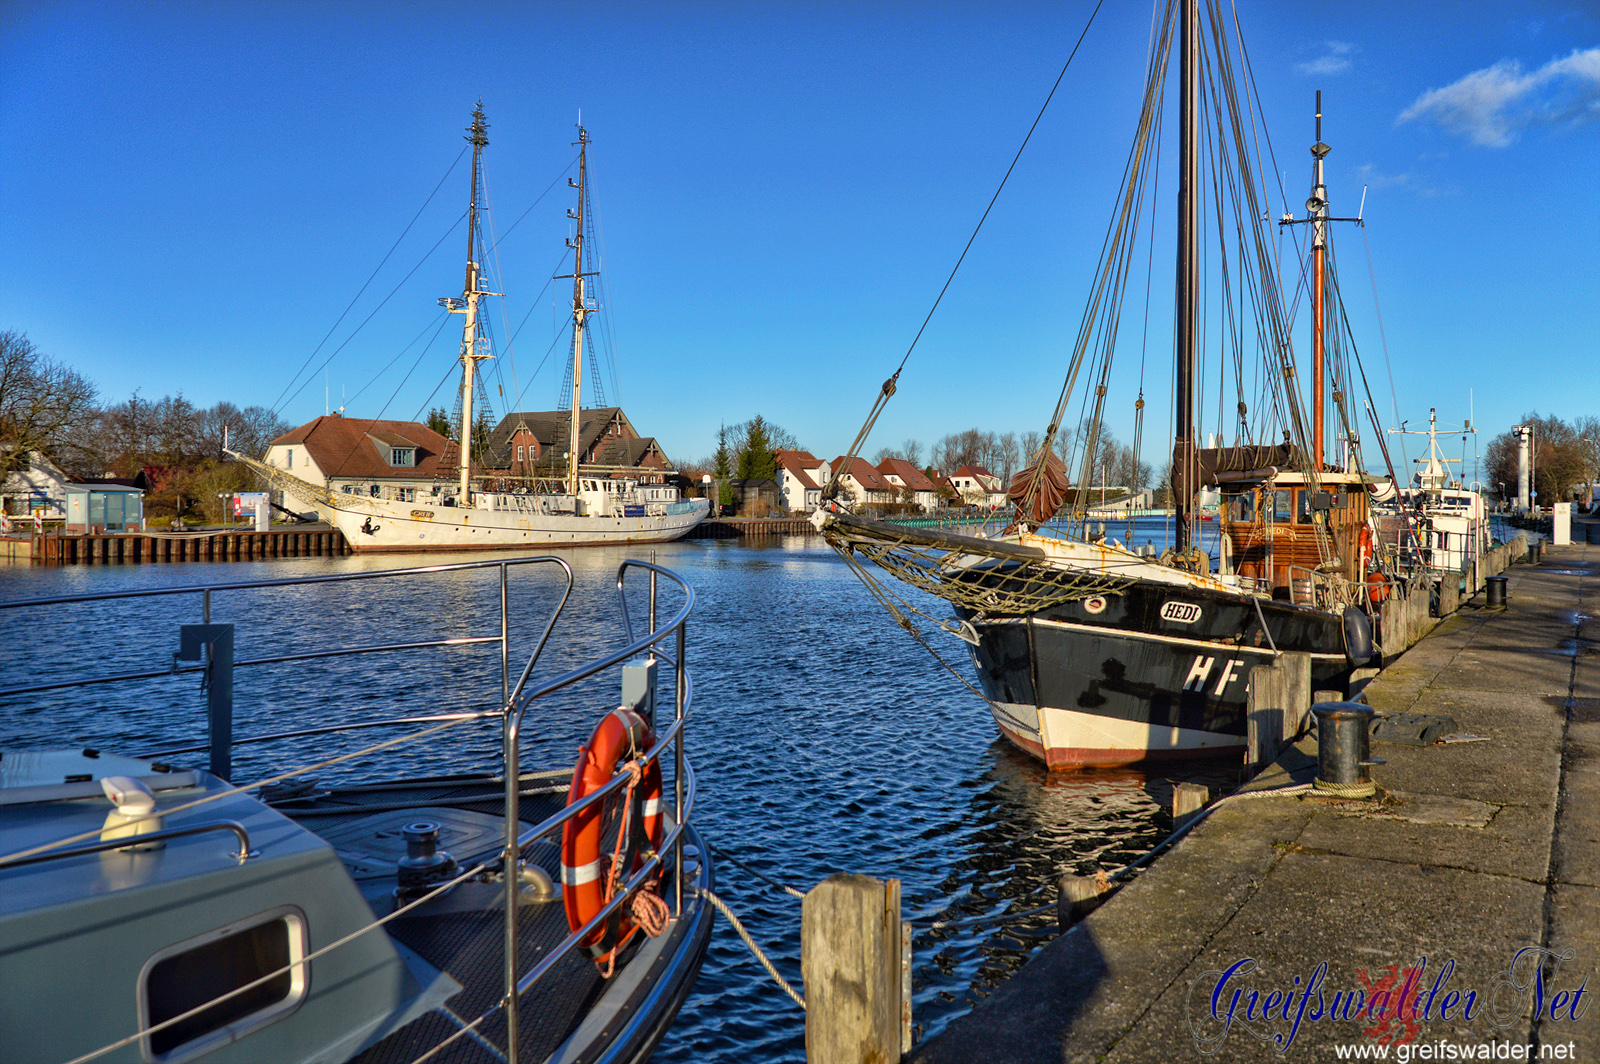 Hafen in Greifswald-Wieck